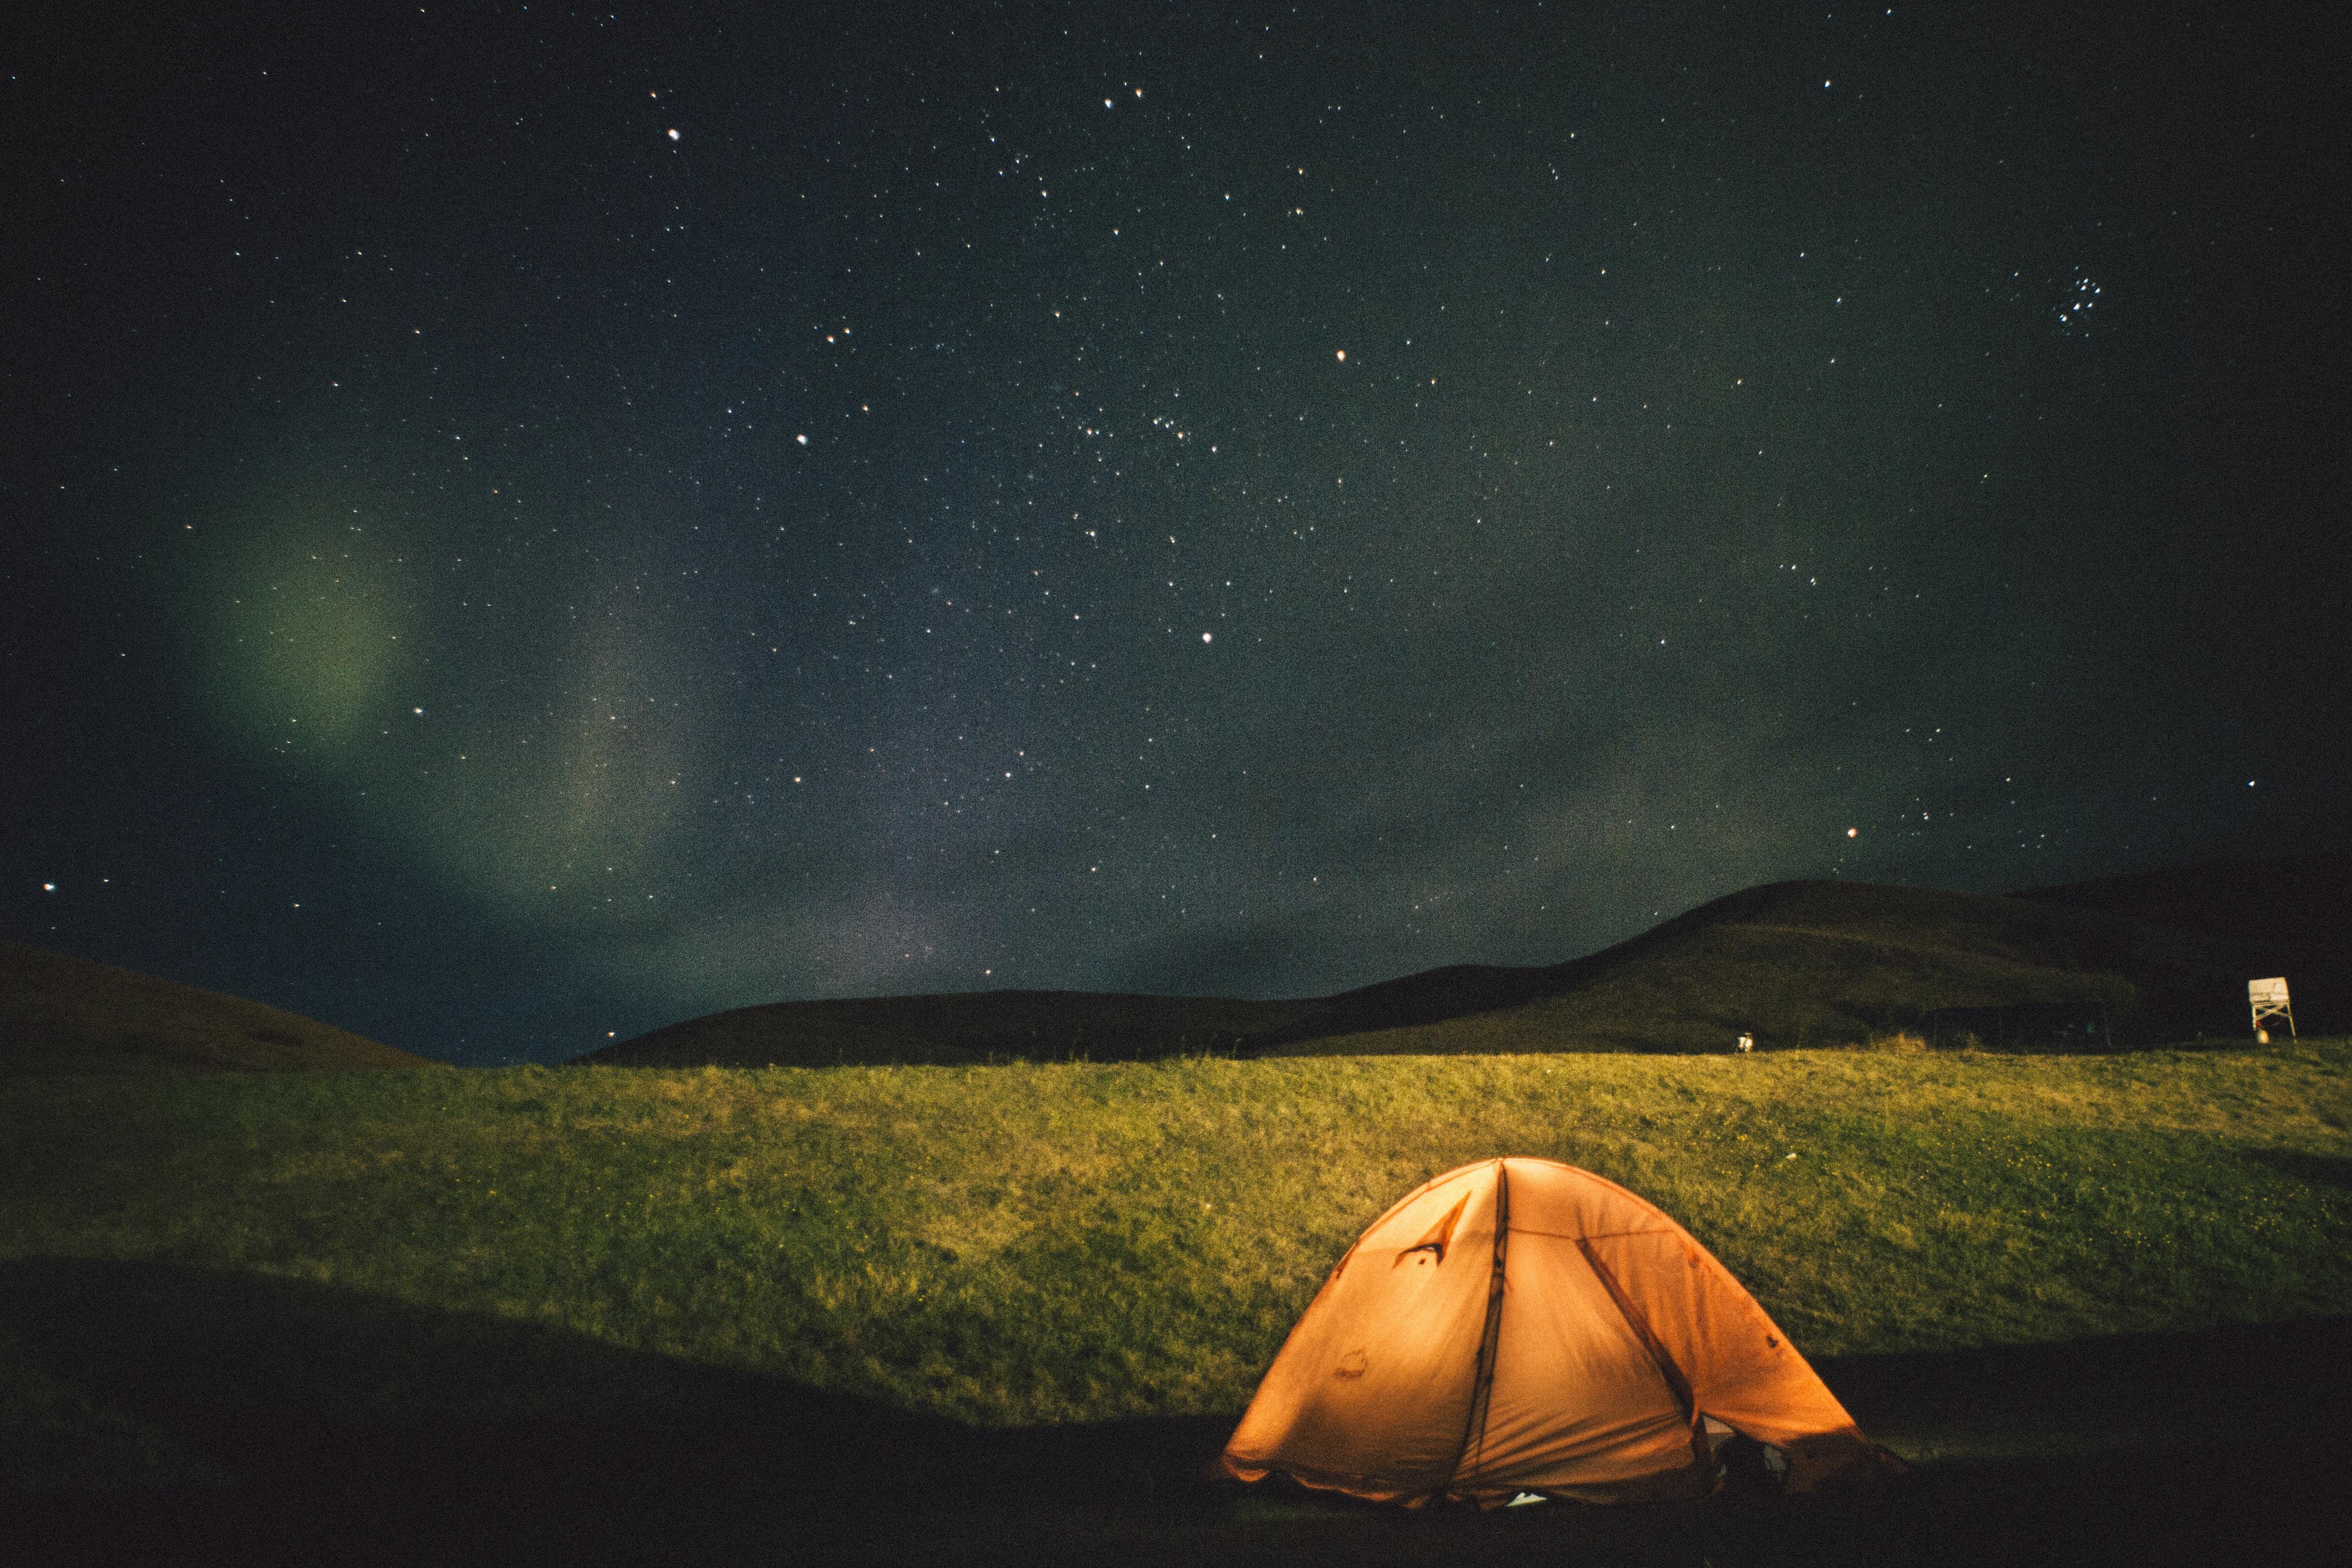 絶景で癒されるキャンプ場!関東エリアのキャンプ場4選!